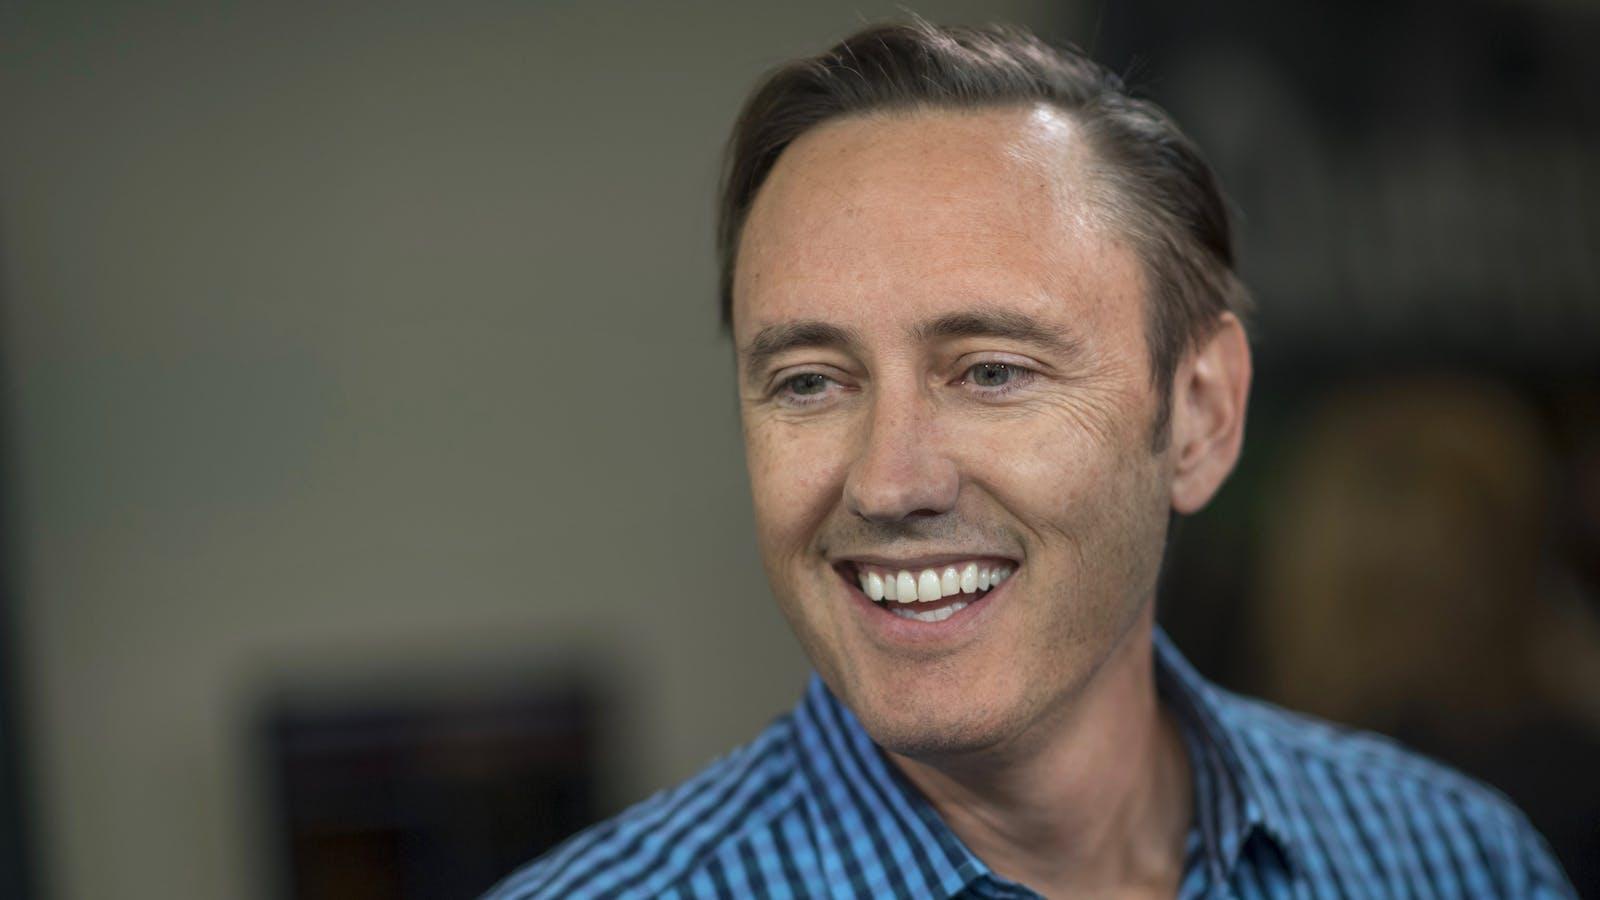 DFJ founding partner Steve Jurvetson. Photo by Bloomberg.